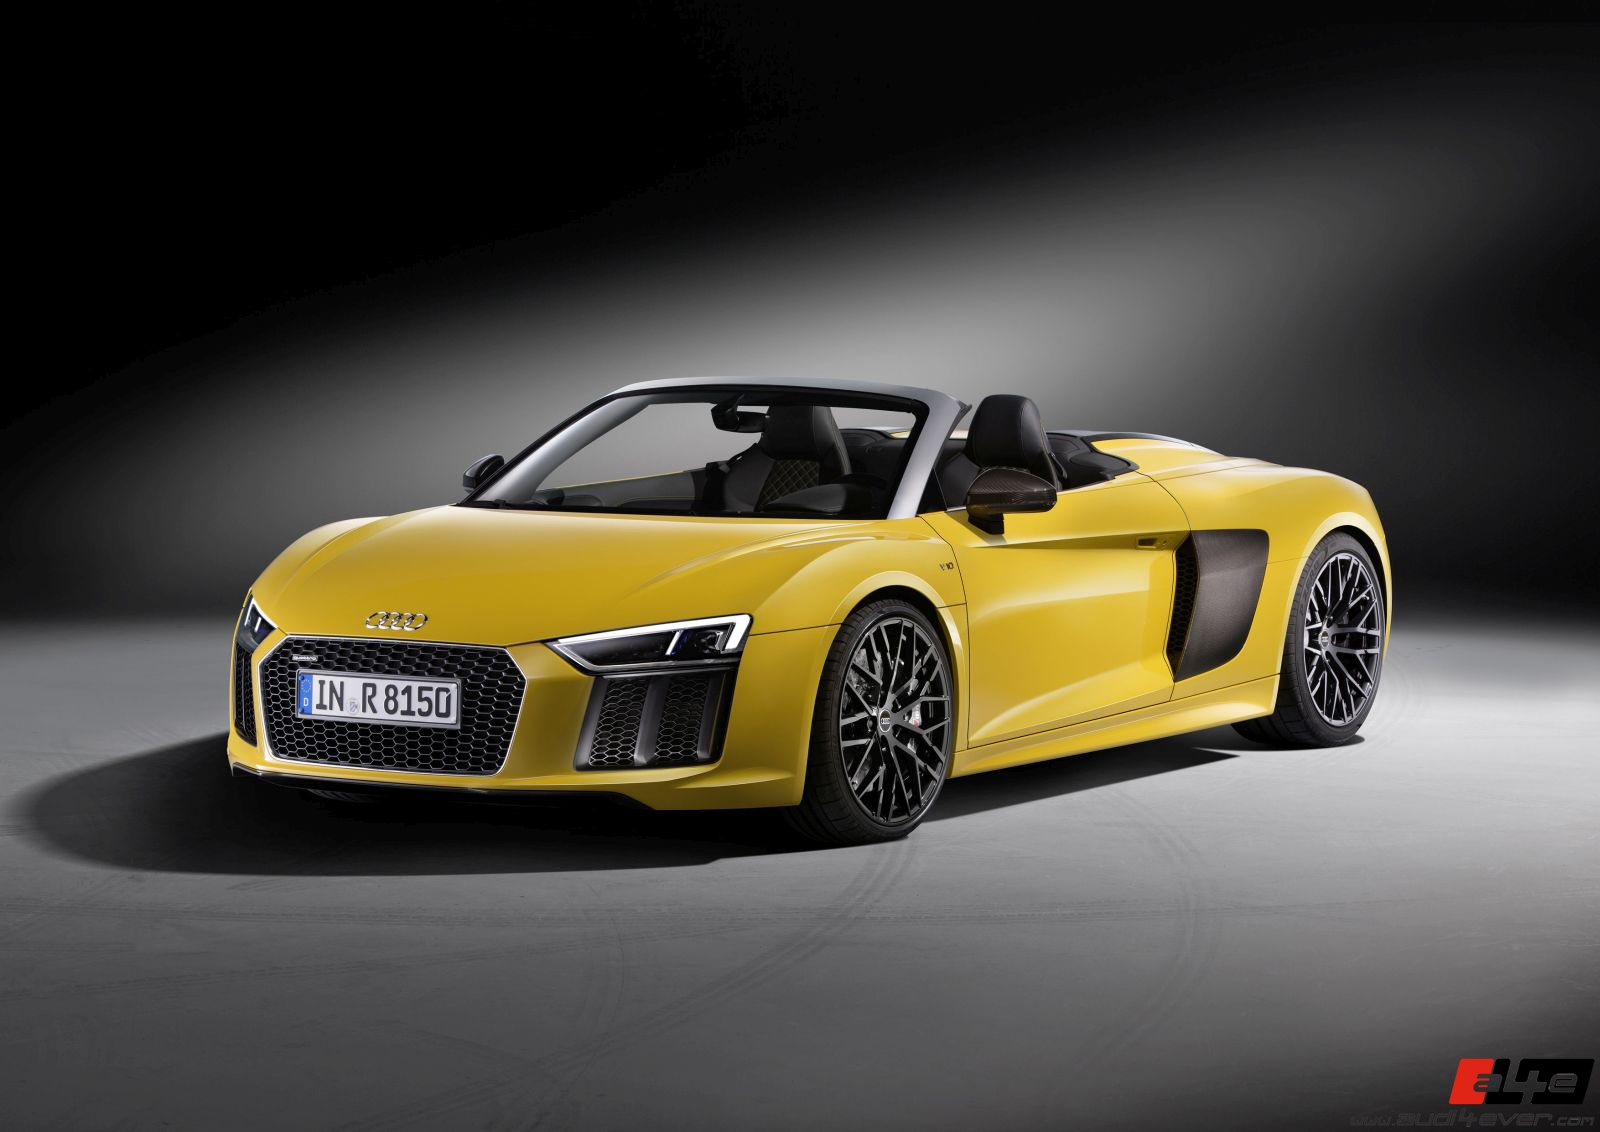 a4e - Gallery Audi R8 (V8, V10, Spyder, GT, GT-Spyder) - Audi R8 ...